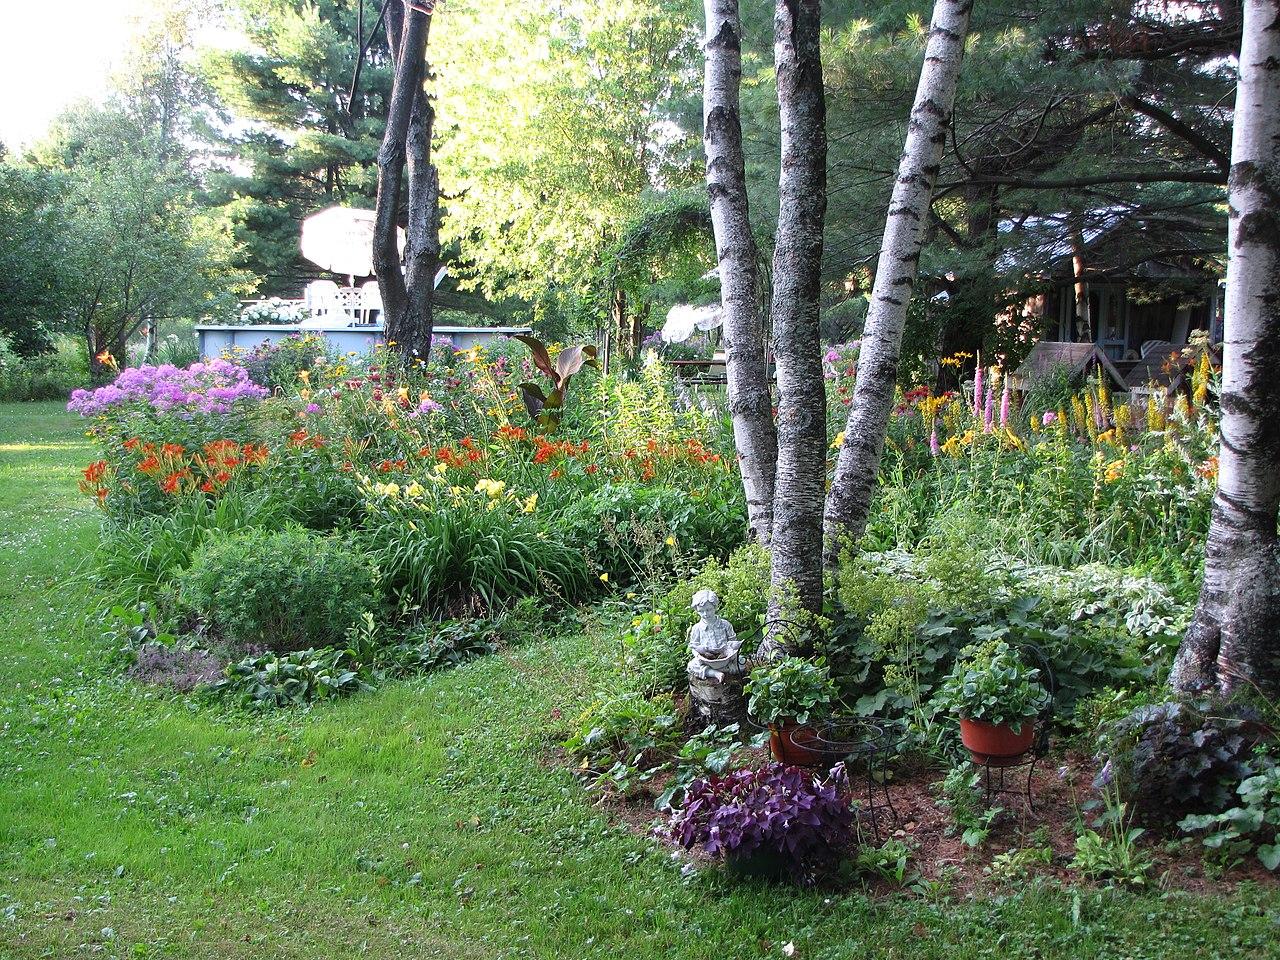 Image jardin fleuri fashion designs for Jardin fleuri lyon 9